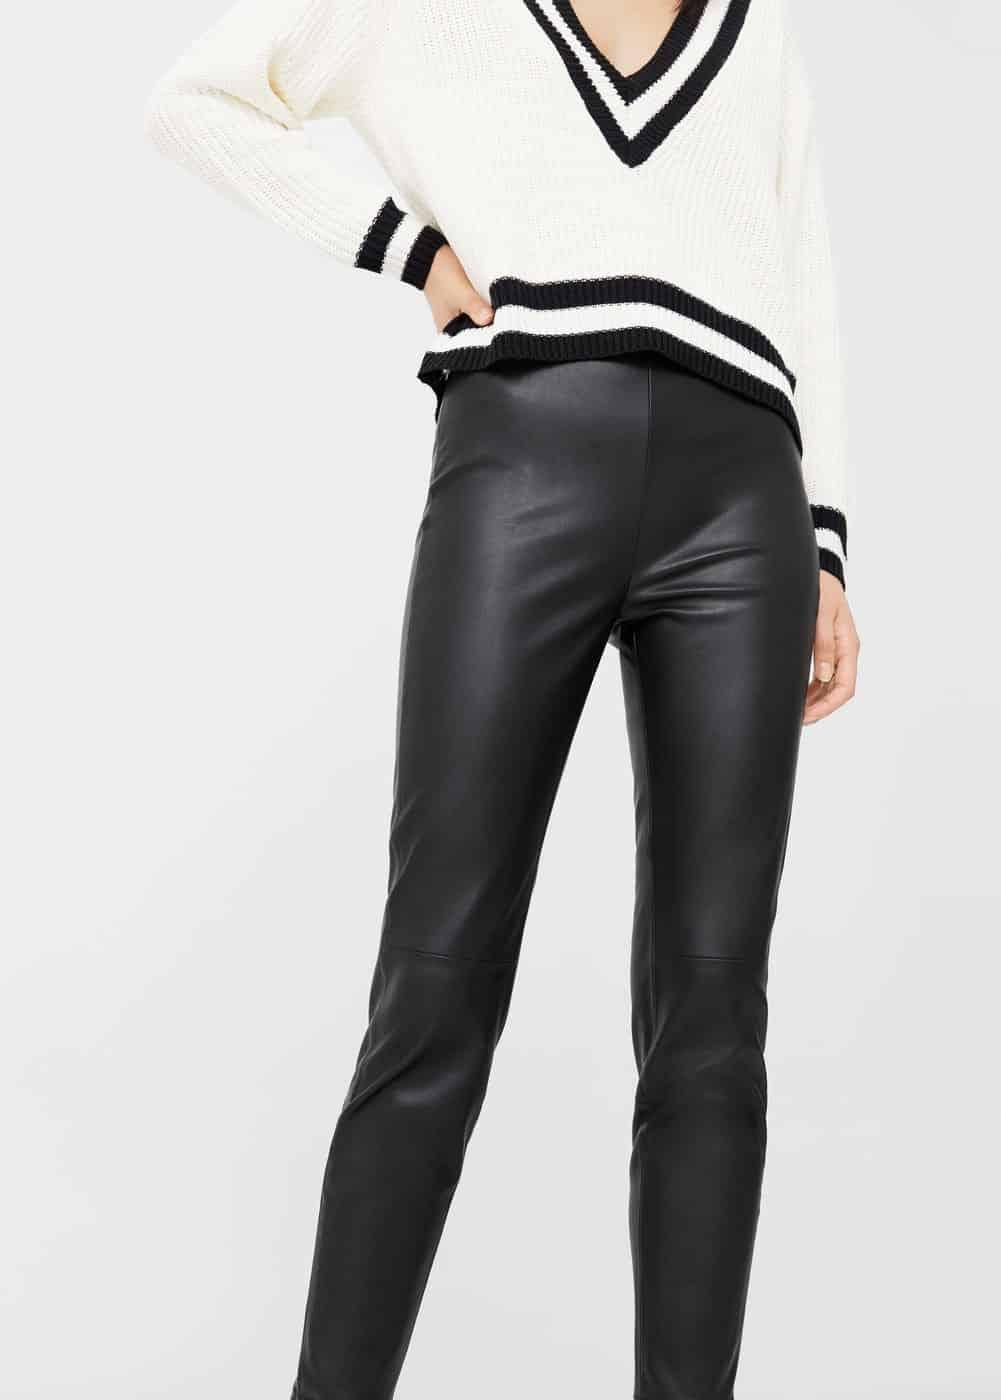 Black, faux-leather pants